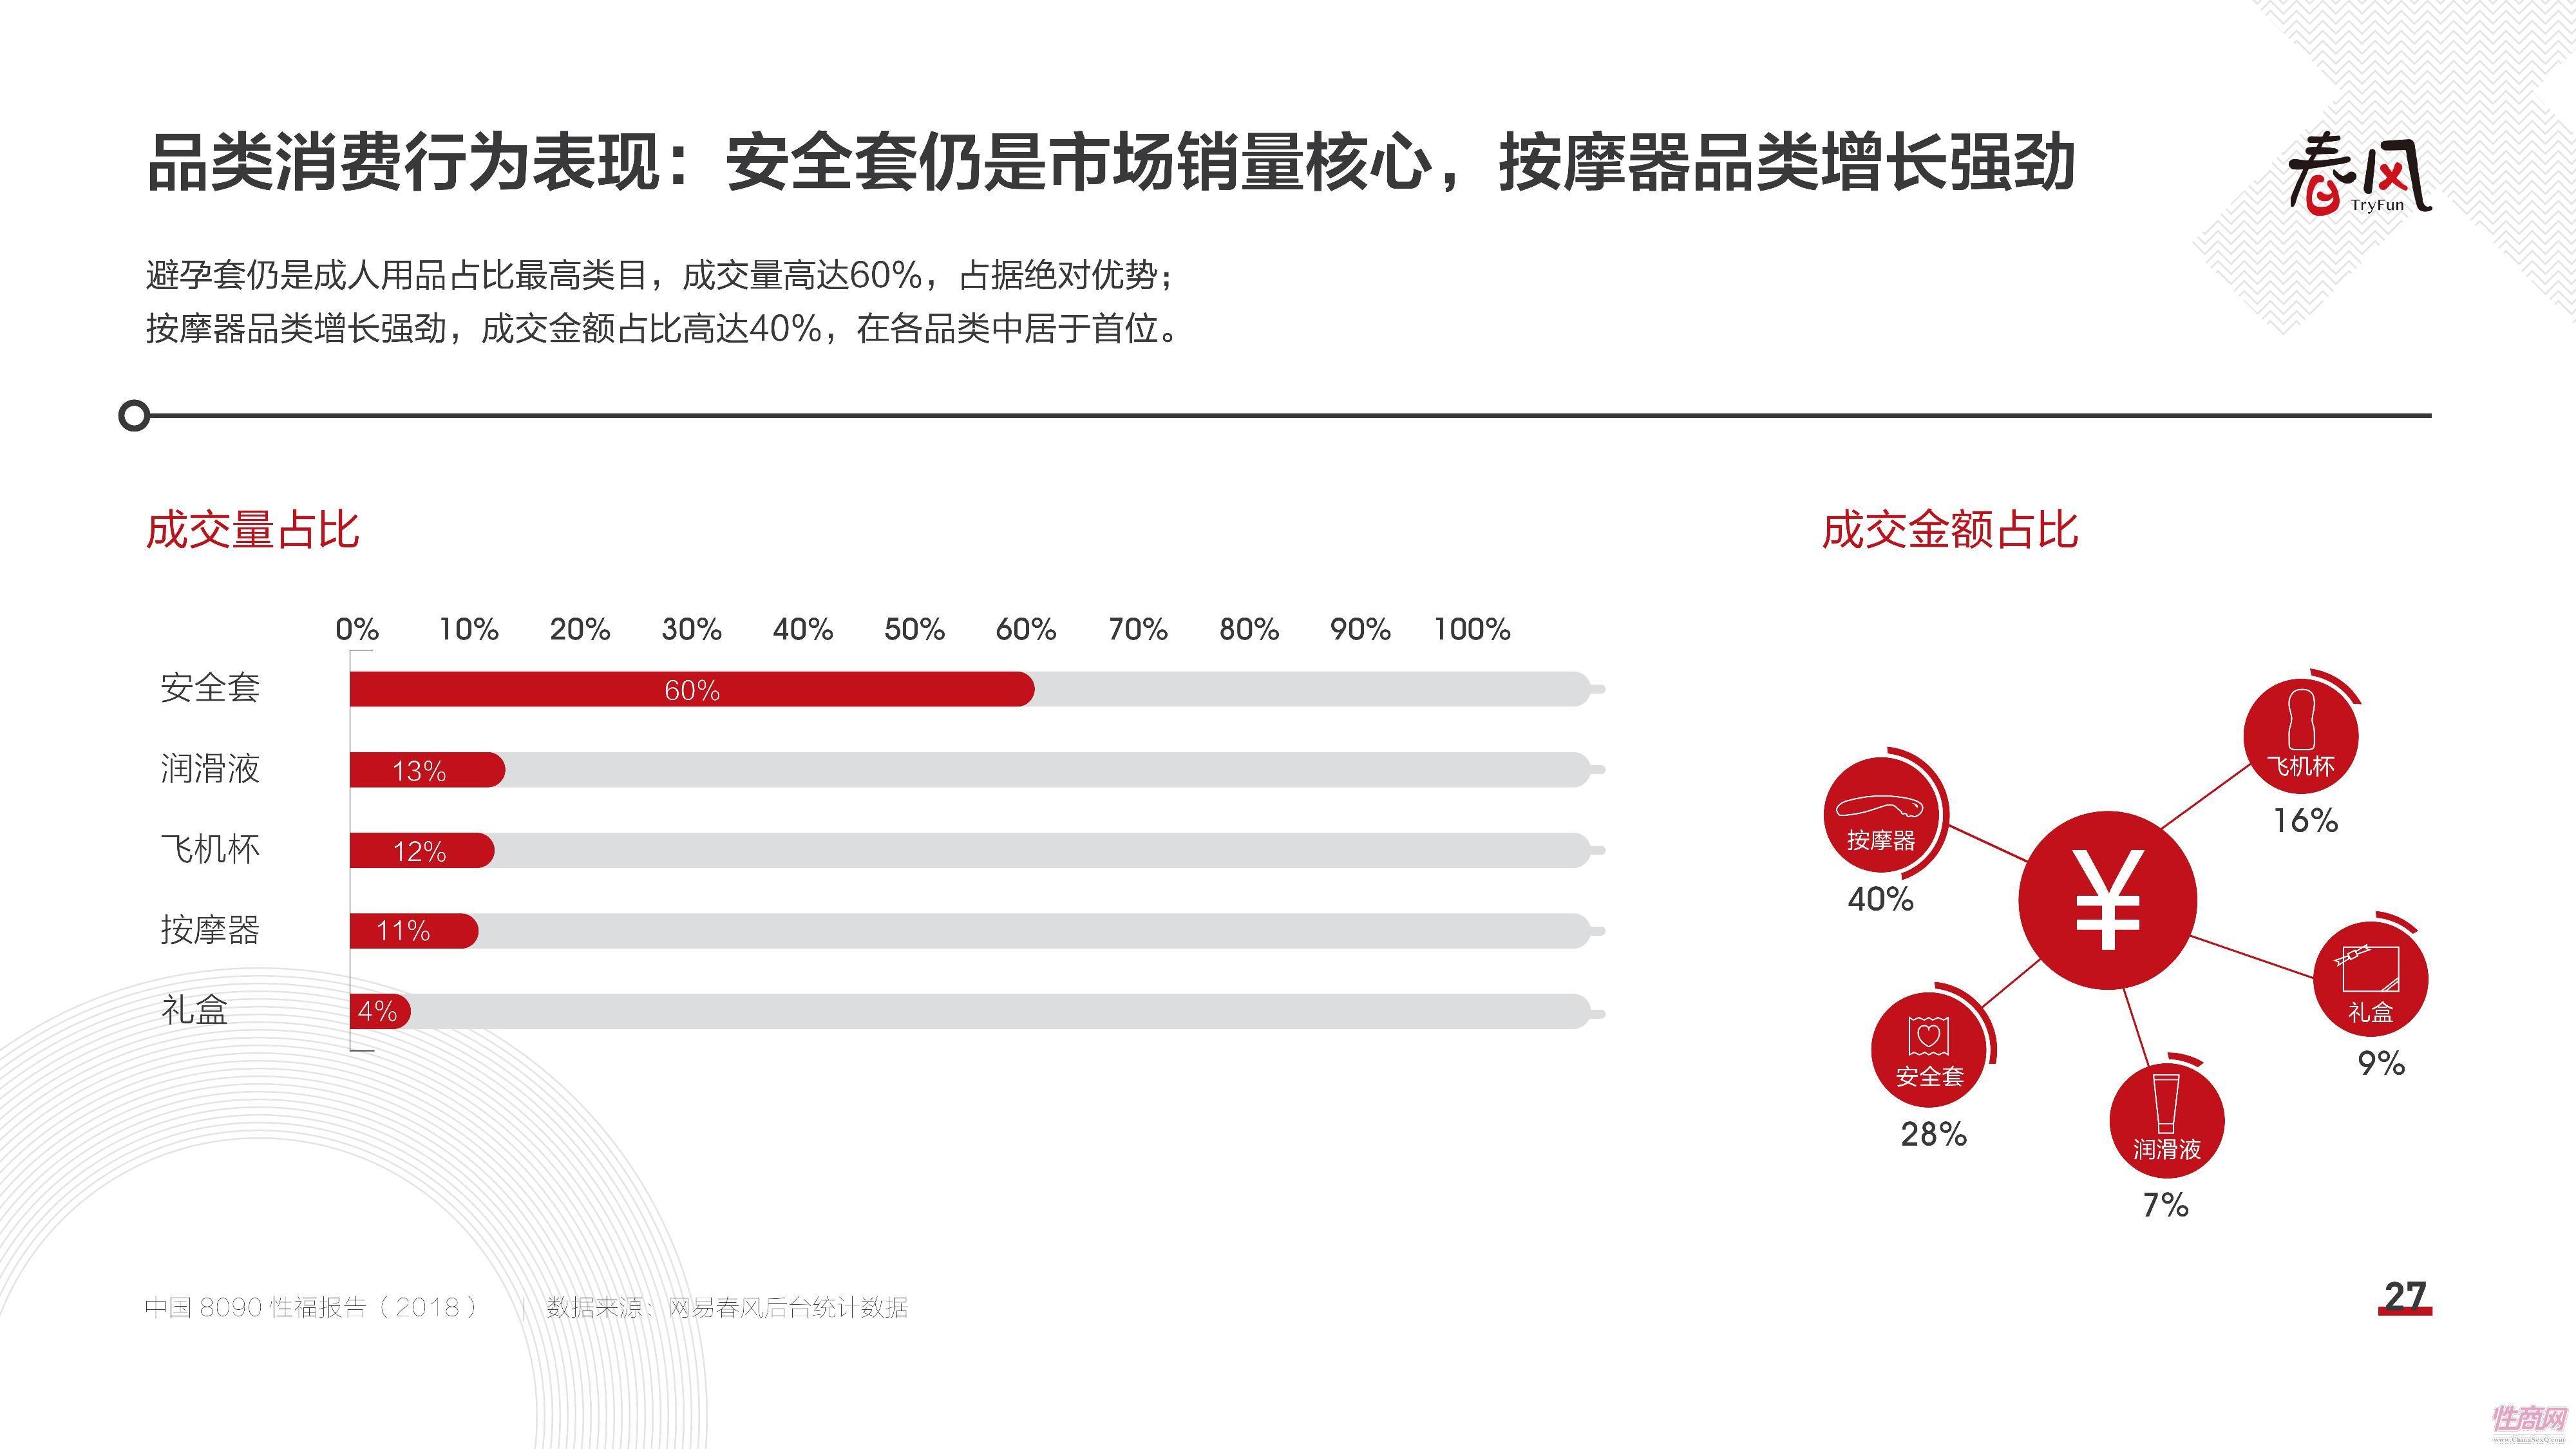 18中国8090性福报告 (26)